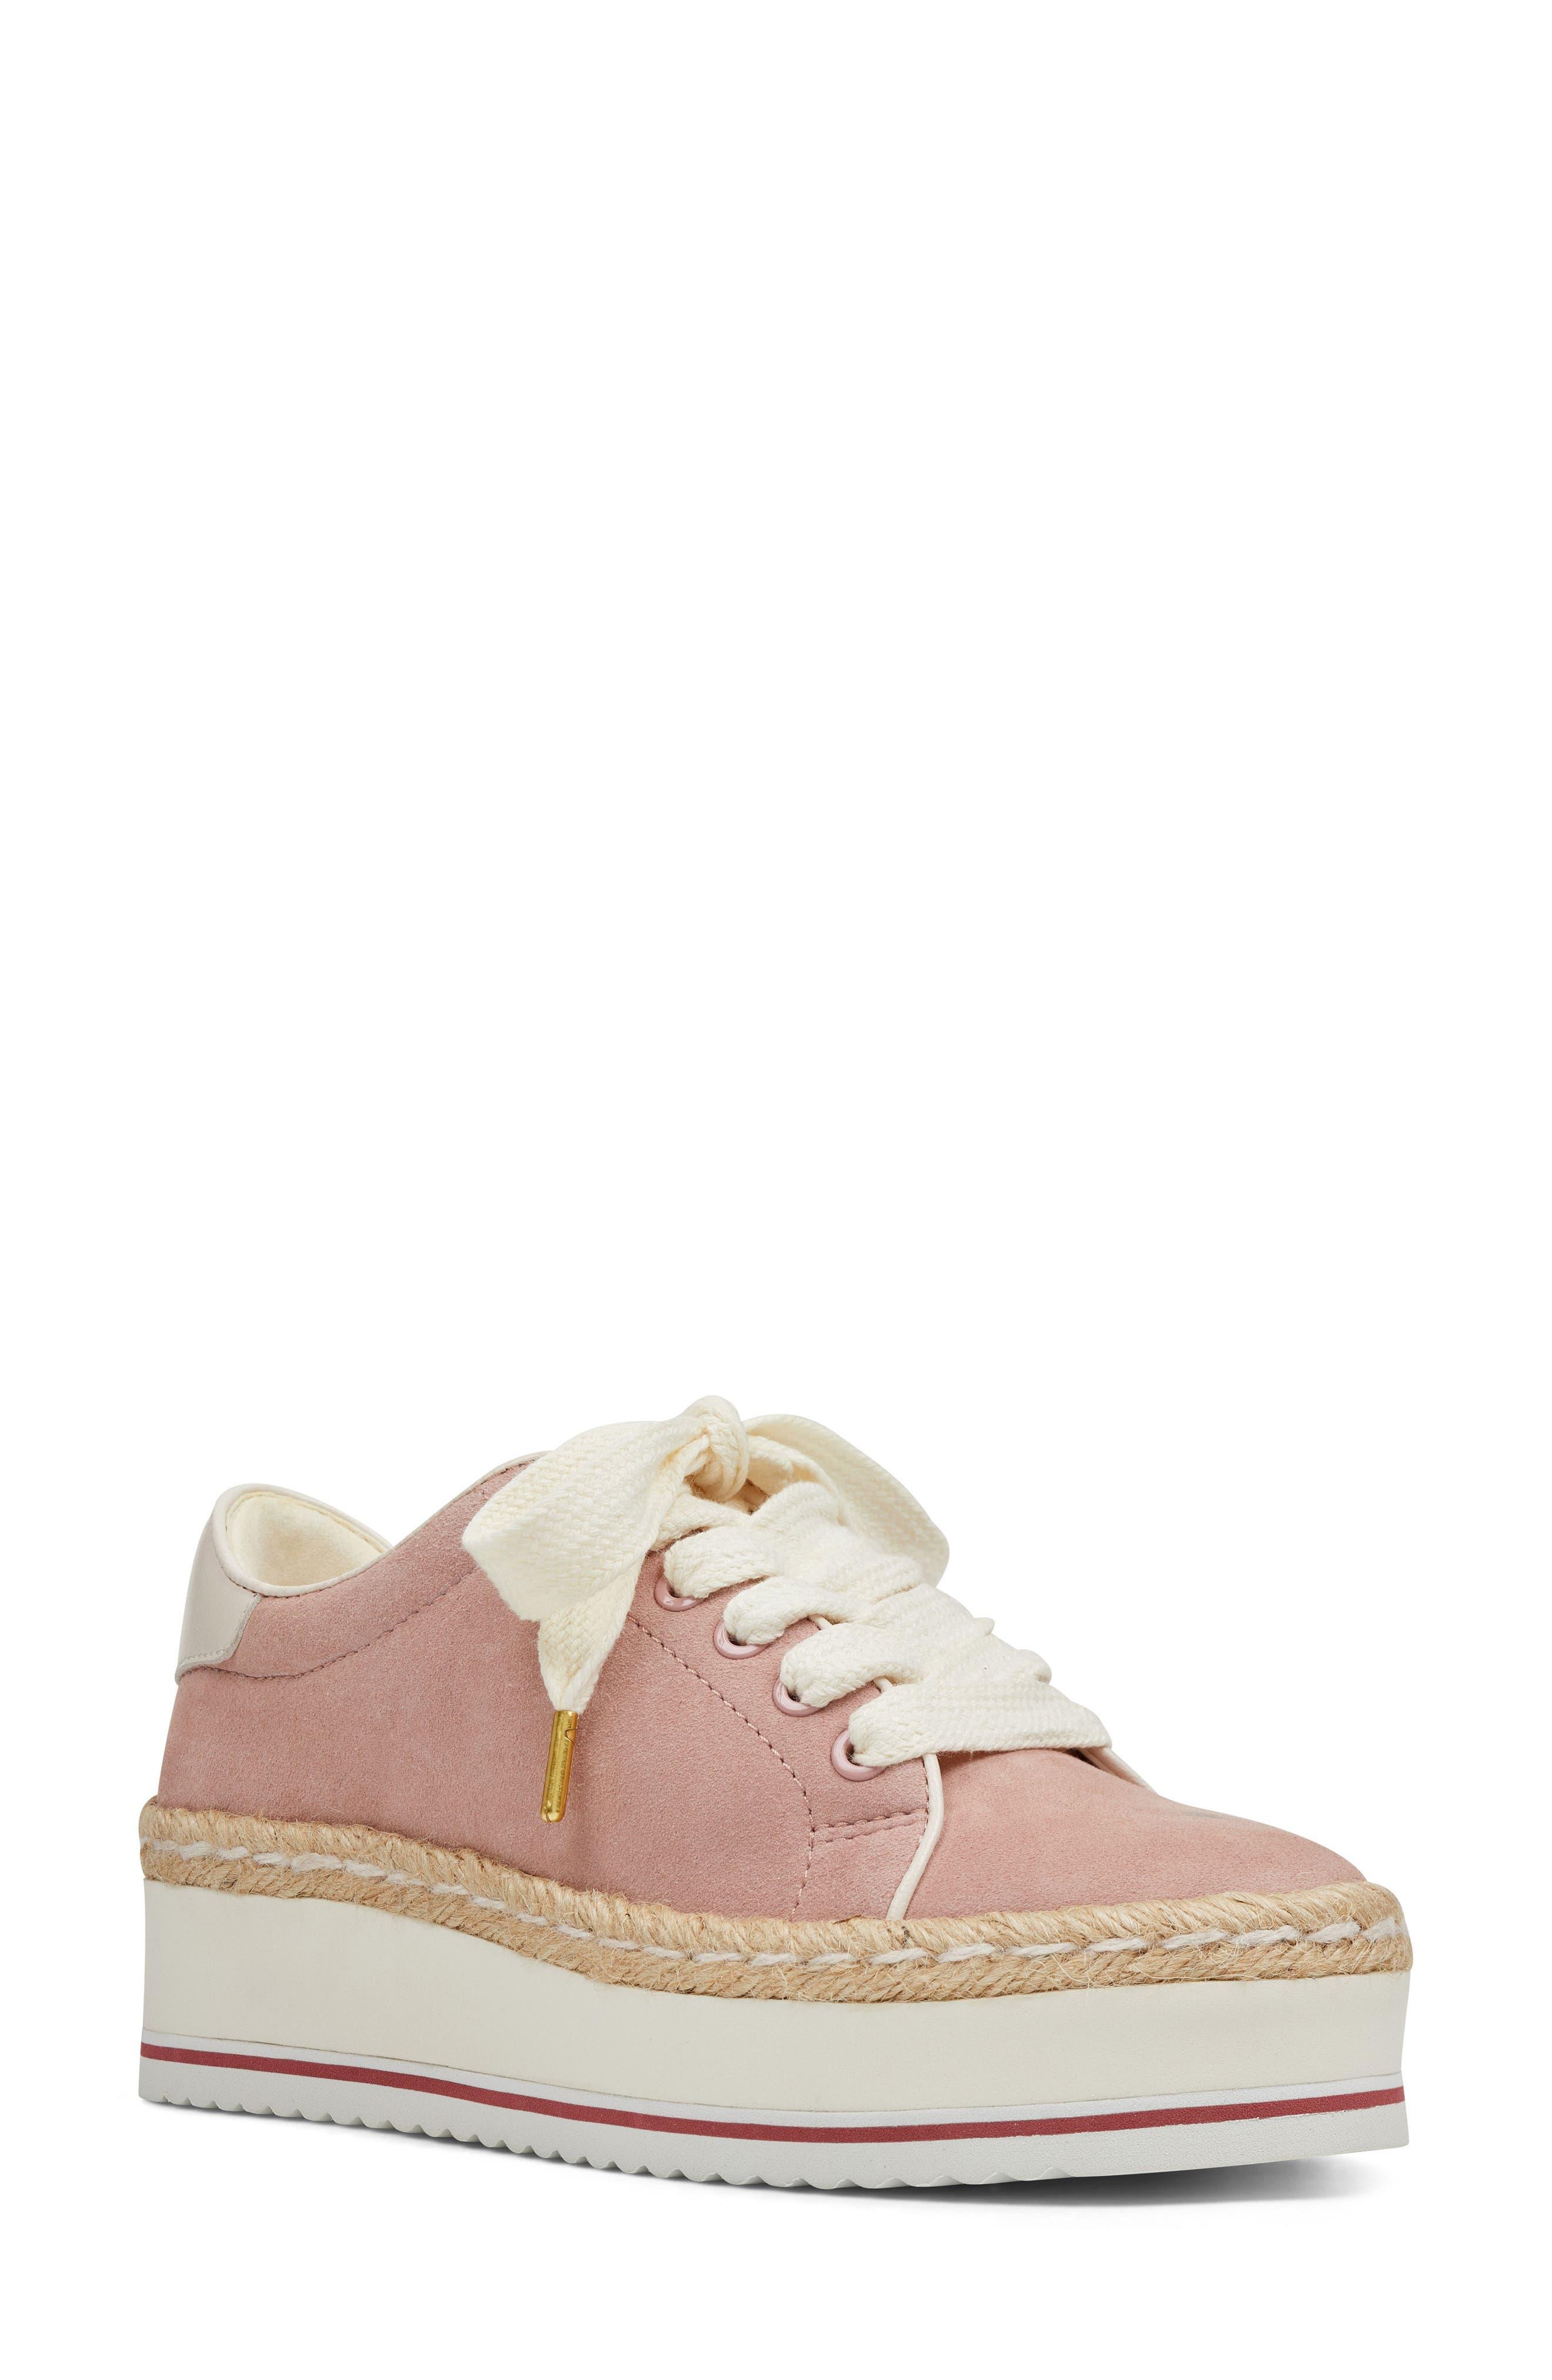 Nine West Evie Espadrille Platform Sneaker, Pink